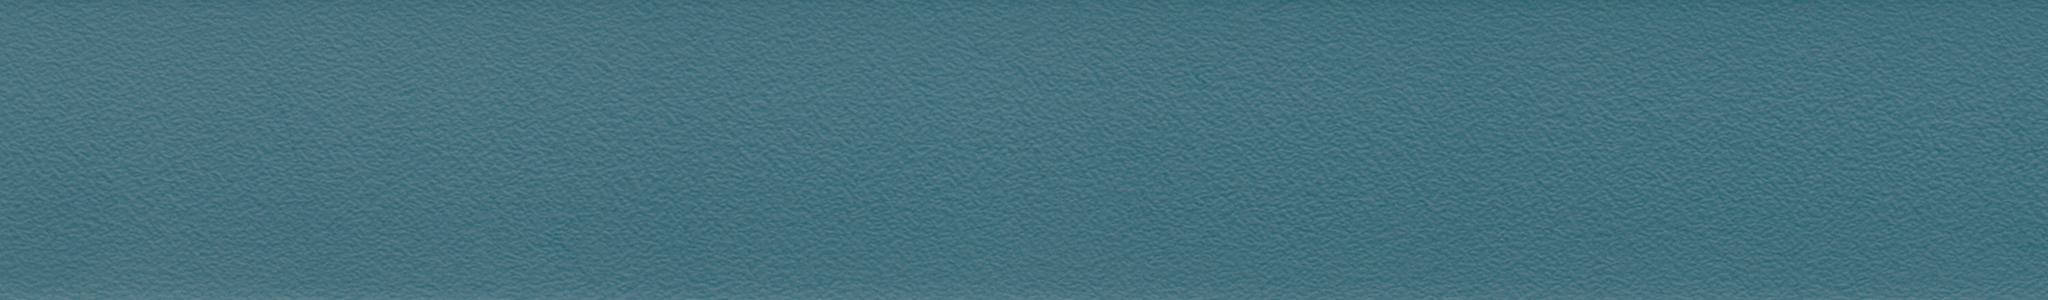 HU 15532 Кромка ABS Синий - Шагрень XG